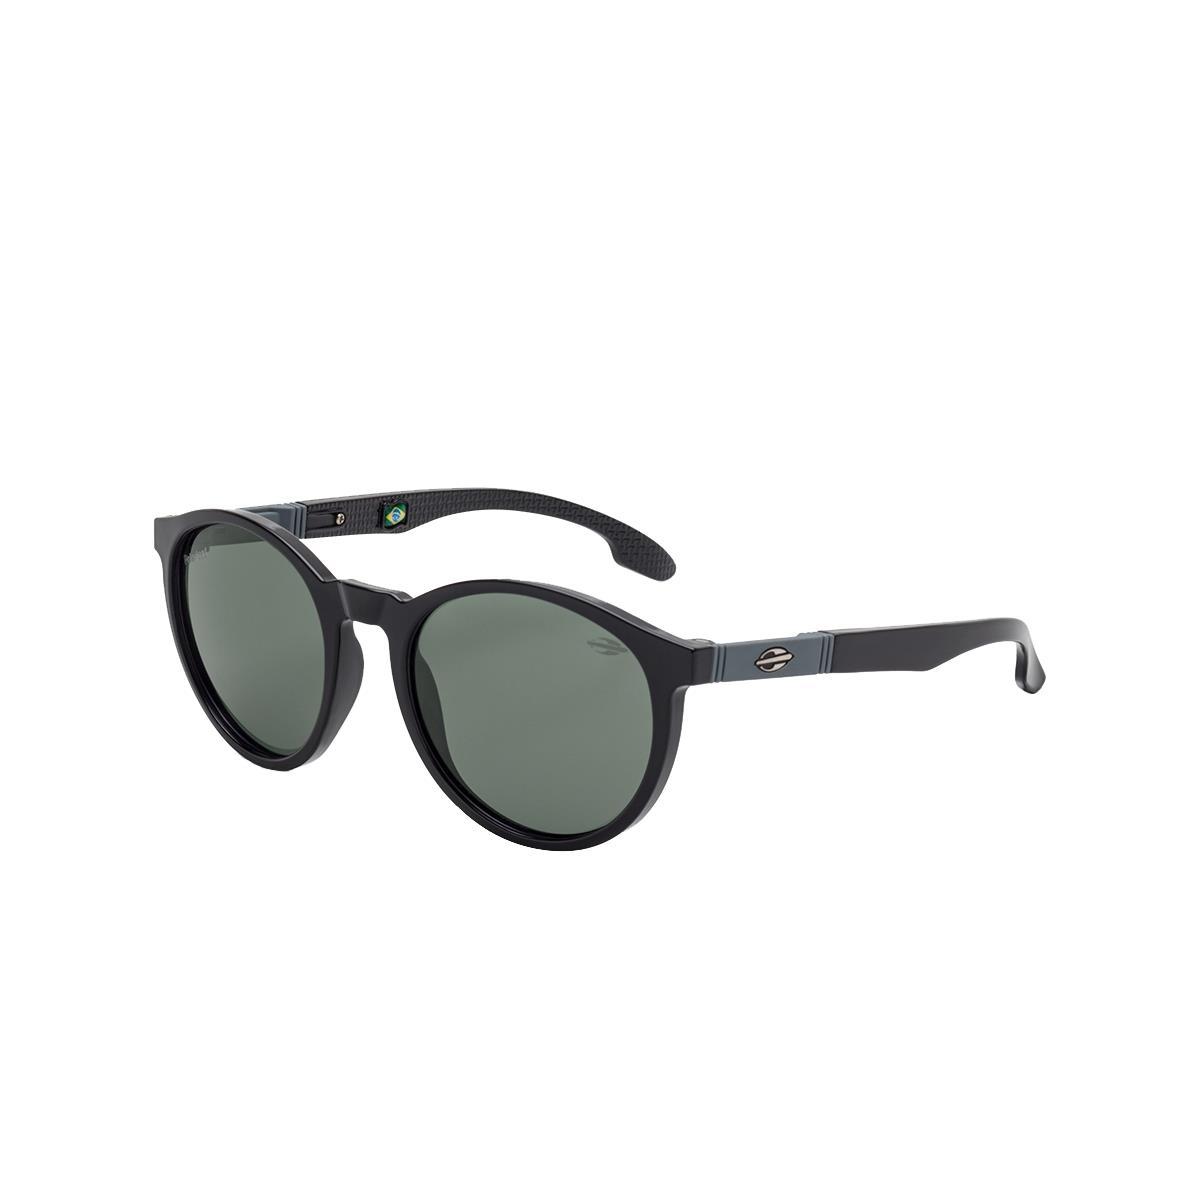 6f8293248701a Óculos De Sol Infantil Mormaii Maui Nxt M0072A0201 Preto Lente Cinza na  Estrela10